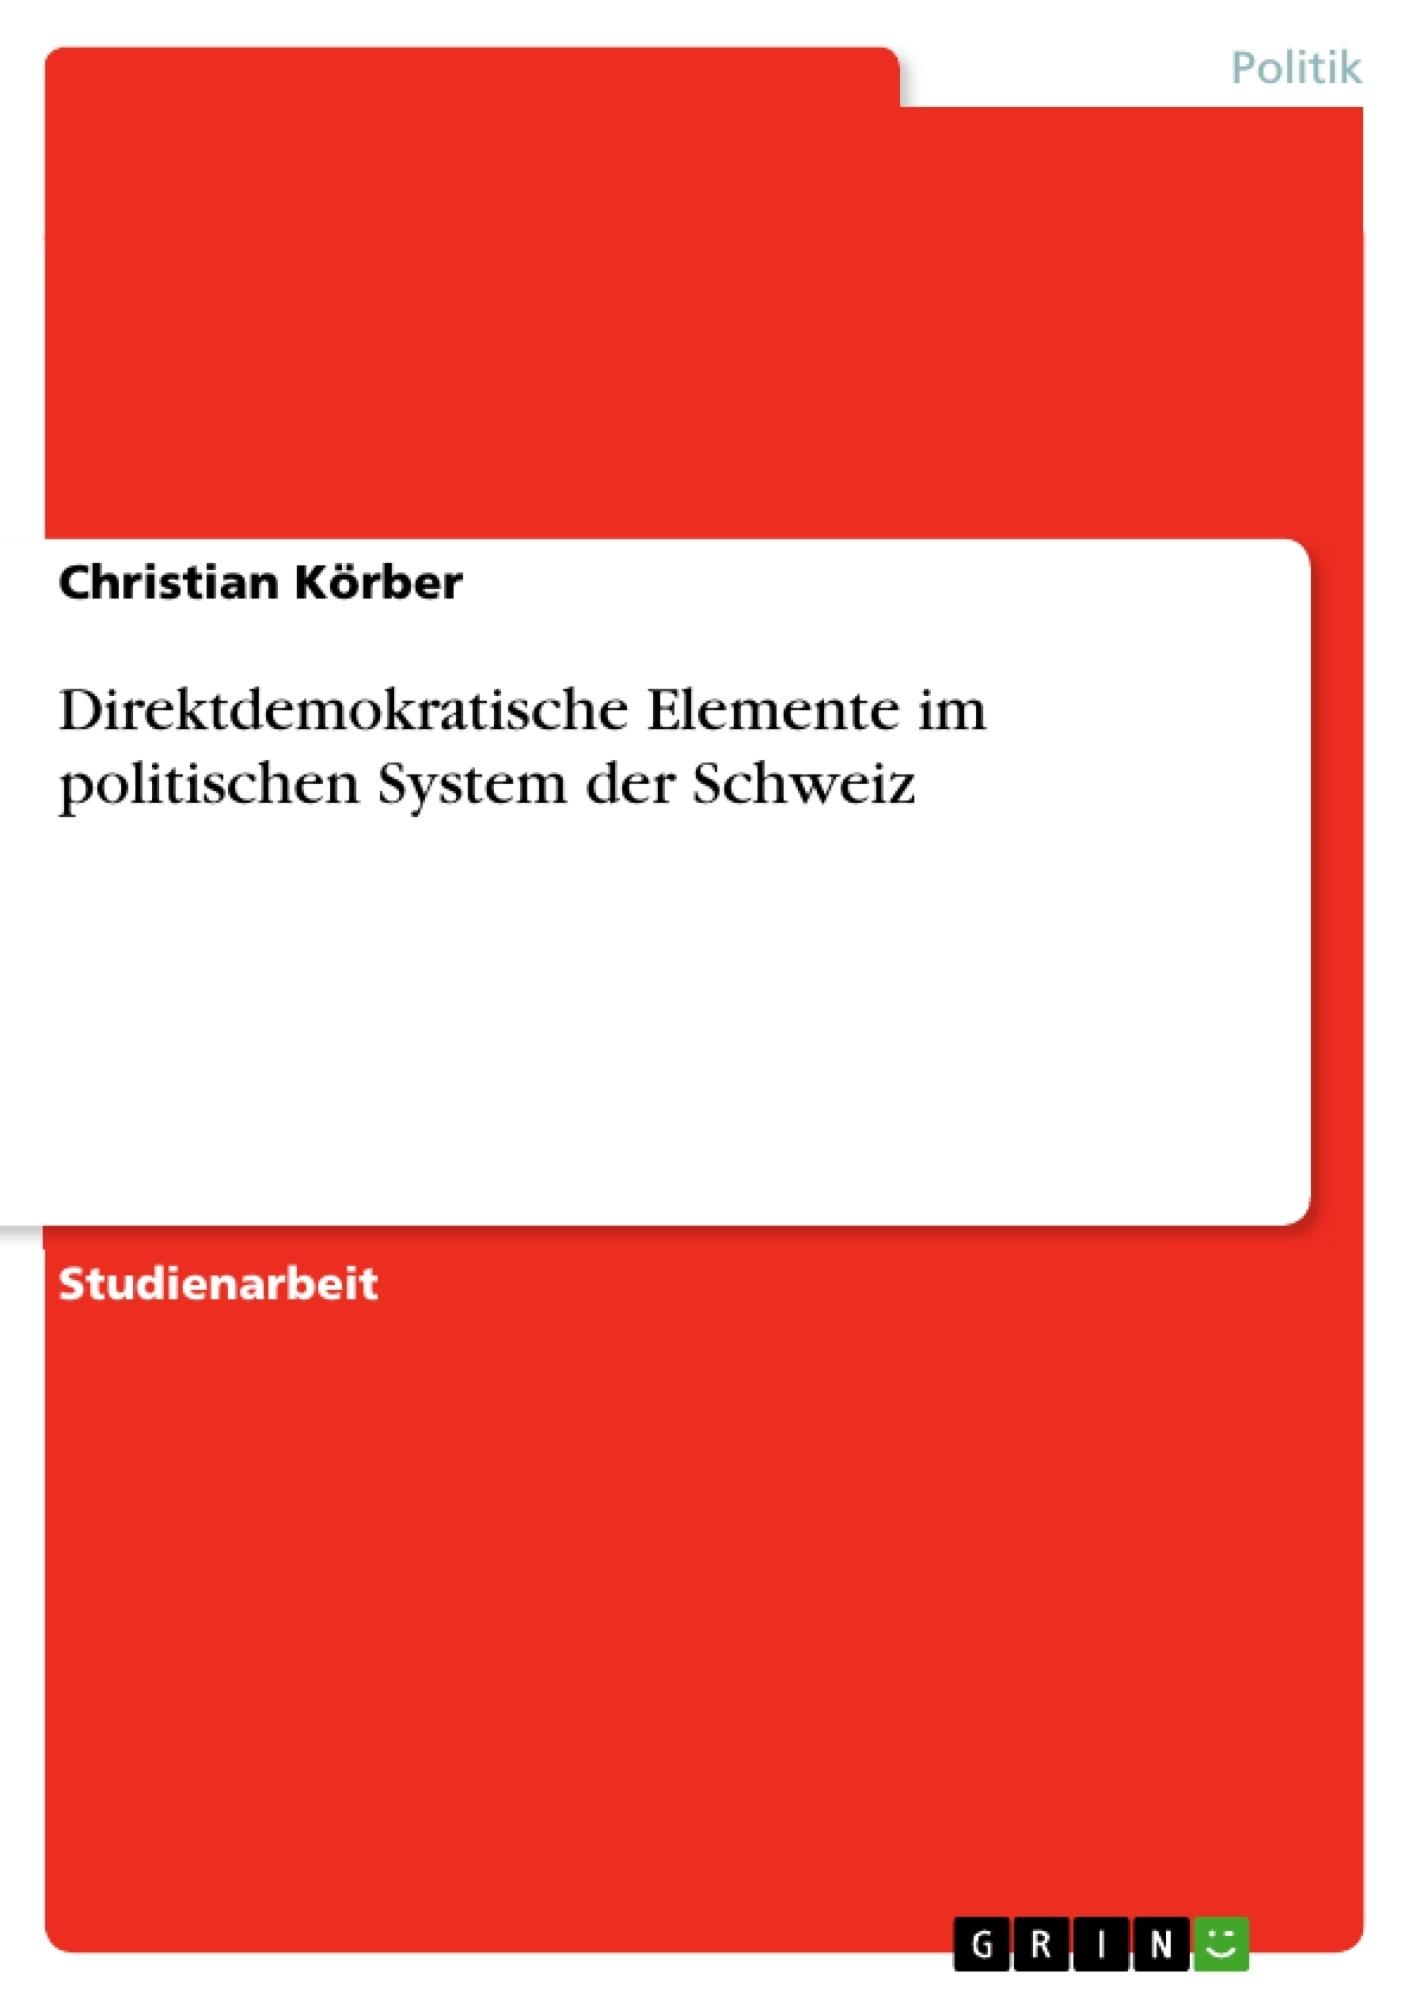 Titel: Direktdemokratische Elemente im politischen System der Schweiz